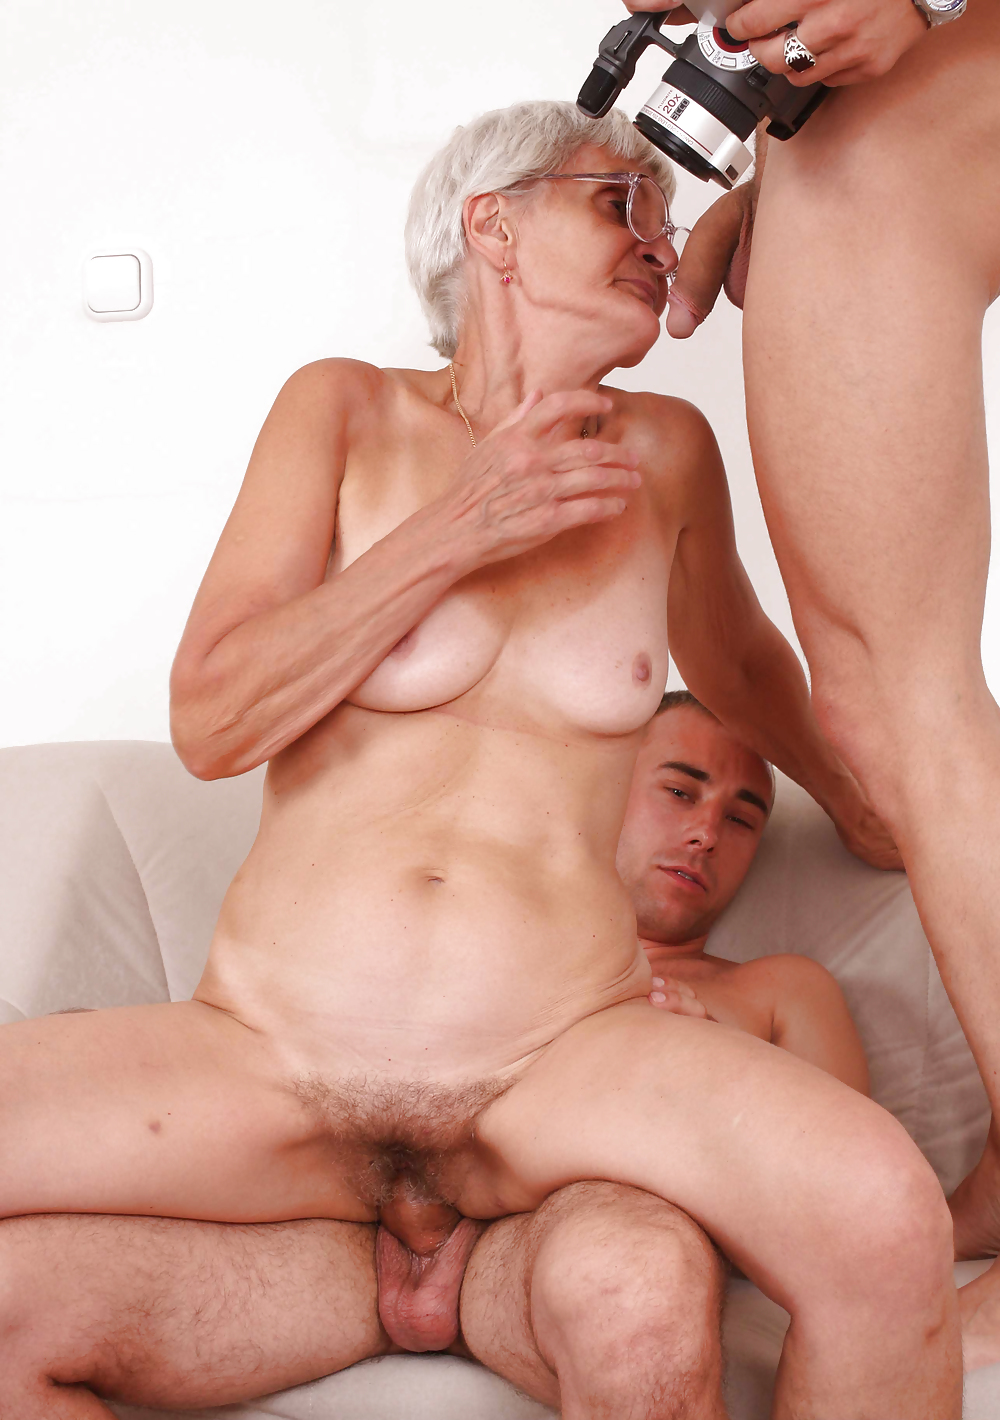 Elderly porn images